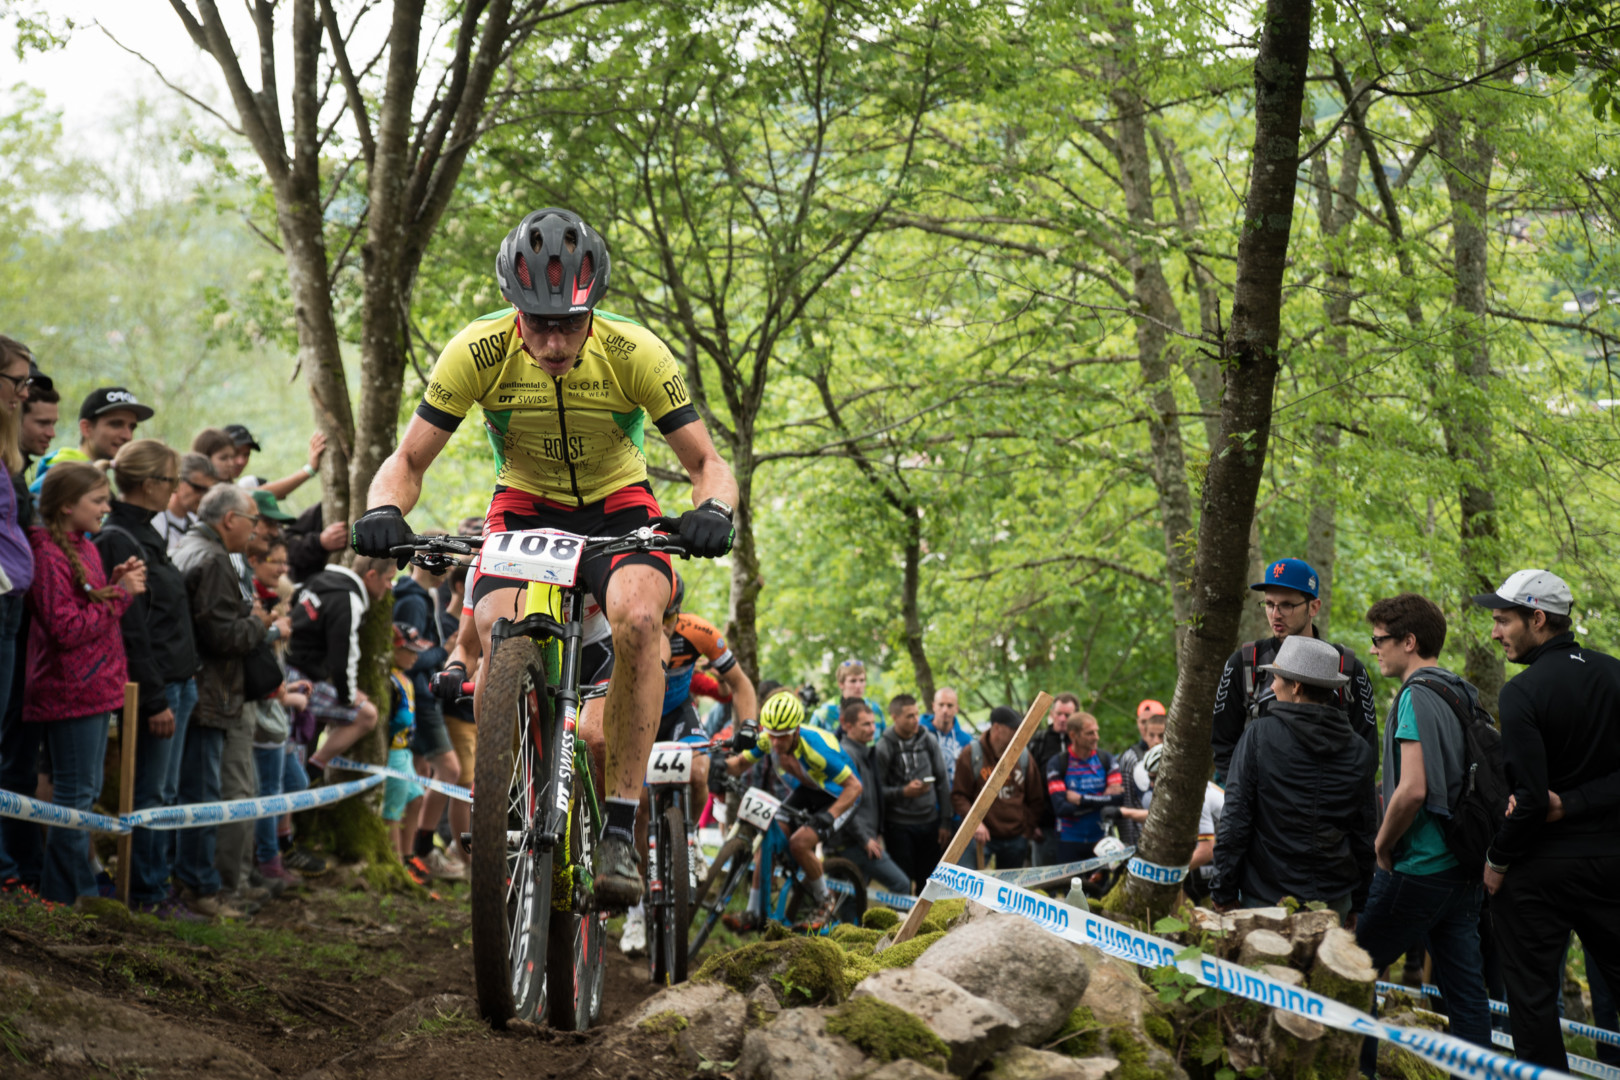 108, Gegenheimer, Simon, Rose-Vaujany, RSV Bike-Riders Remchingen, GER